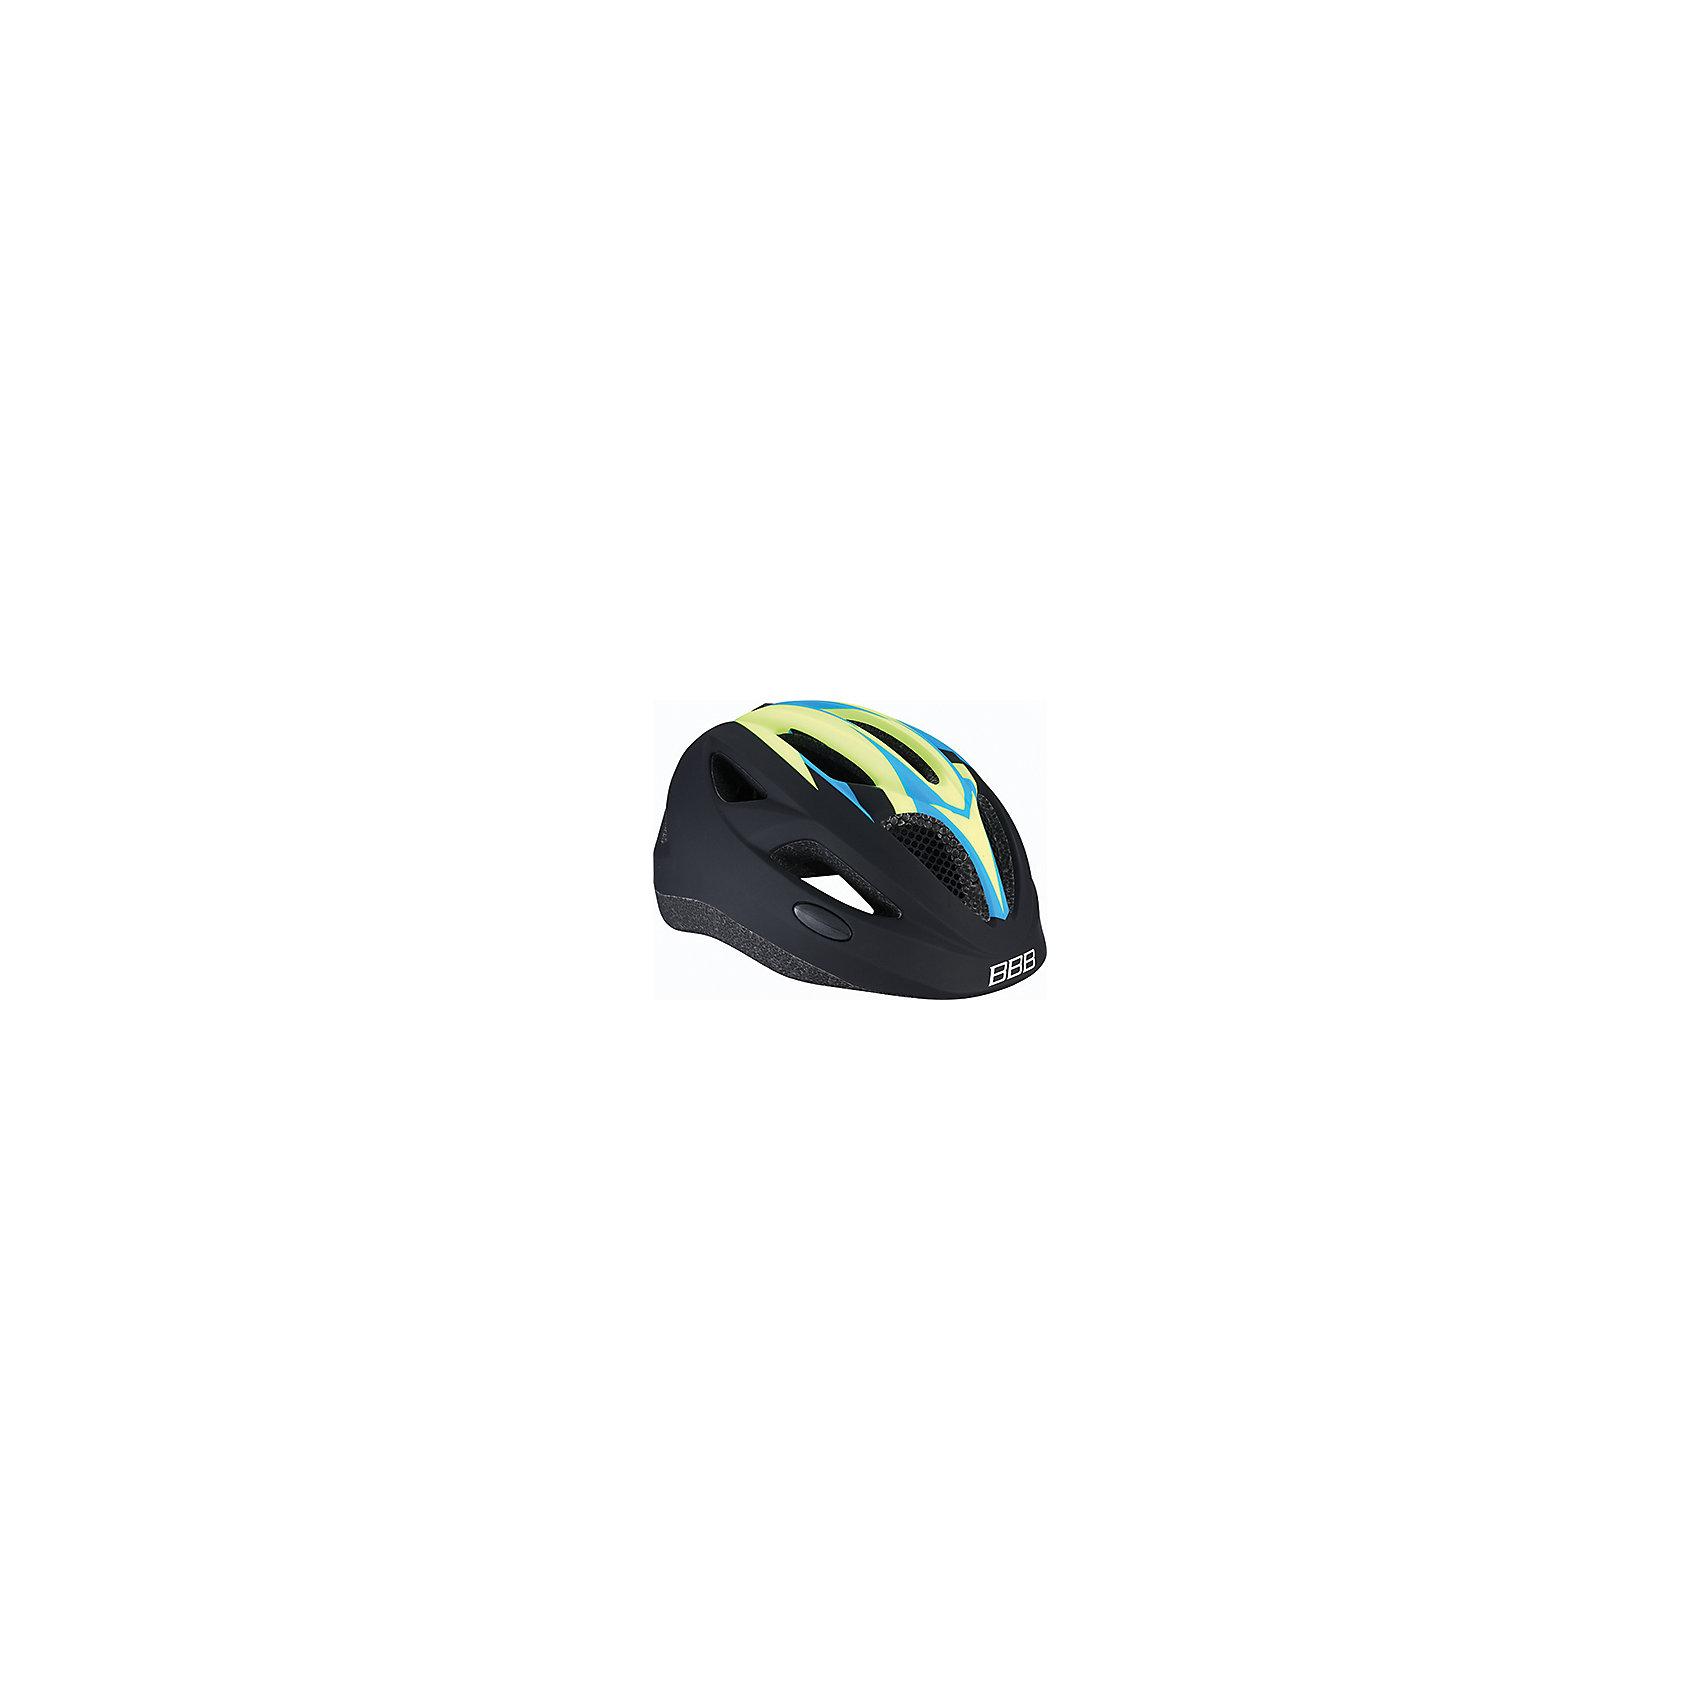 Летний шлем Hero матовый неон, BBBЗащита, шлемы<br>Характеристики товара:<br><br>• 11 вентиляционных отверстий<br>• задние вентиляционные отверстия<br>• сетка от насекомых<br>• регулируемые ремни для совершенной и удобной посадки<br>• легкая регулировка TwistClose системы, можно регулировать одной рукой <br>• моющиеся антибактериальные накладки<br>• светоотражающие наклейки сзади<br>• Задний светодиодный габарит, включающийся нажатием.<br>• страна производства: Тайвань<br><br>Безопасность превыше всего - девиз Hero. Активный отдых на свежем воздухе - лучшее времяпрепровождение летом. Неважно, что выбрал ребенок: самокат, беговел или велосипед,  в любом случае, шлем необходим по правилам техники безопасности.<br><br>Летний шлем Hero матовый неон можно купить в нашем интернет-магазине.<br><br>Ширина мм: 270<br>Глубина мм: 240<br>Высота мм: 180<br>Вес г: 500<br>Возраст от месяцев: 36<br>Возраст до месяцев: 144<br>Пол: Унисекс<br>Возраст: Детский<br>SKU: 5569386